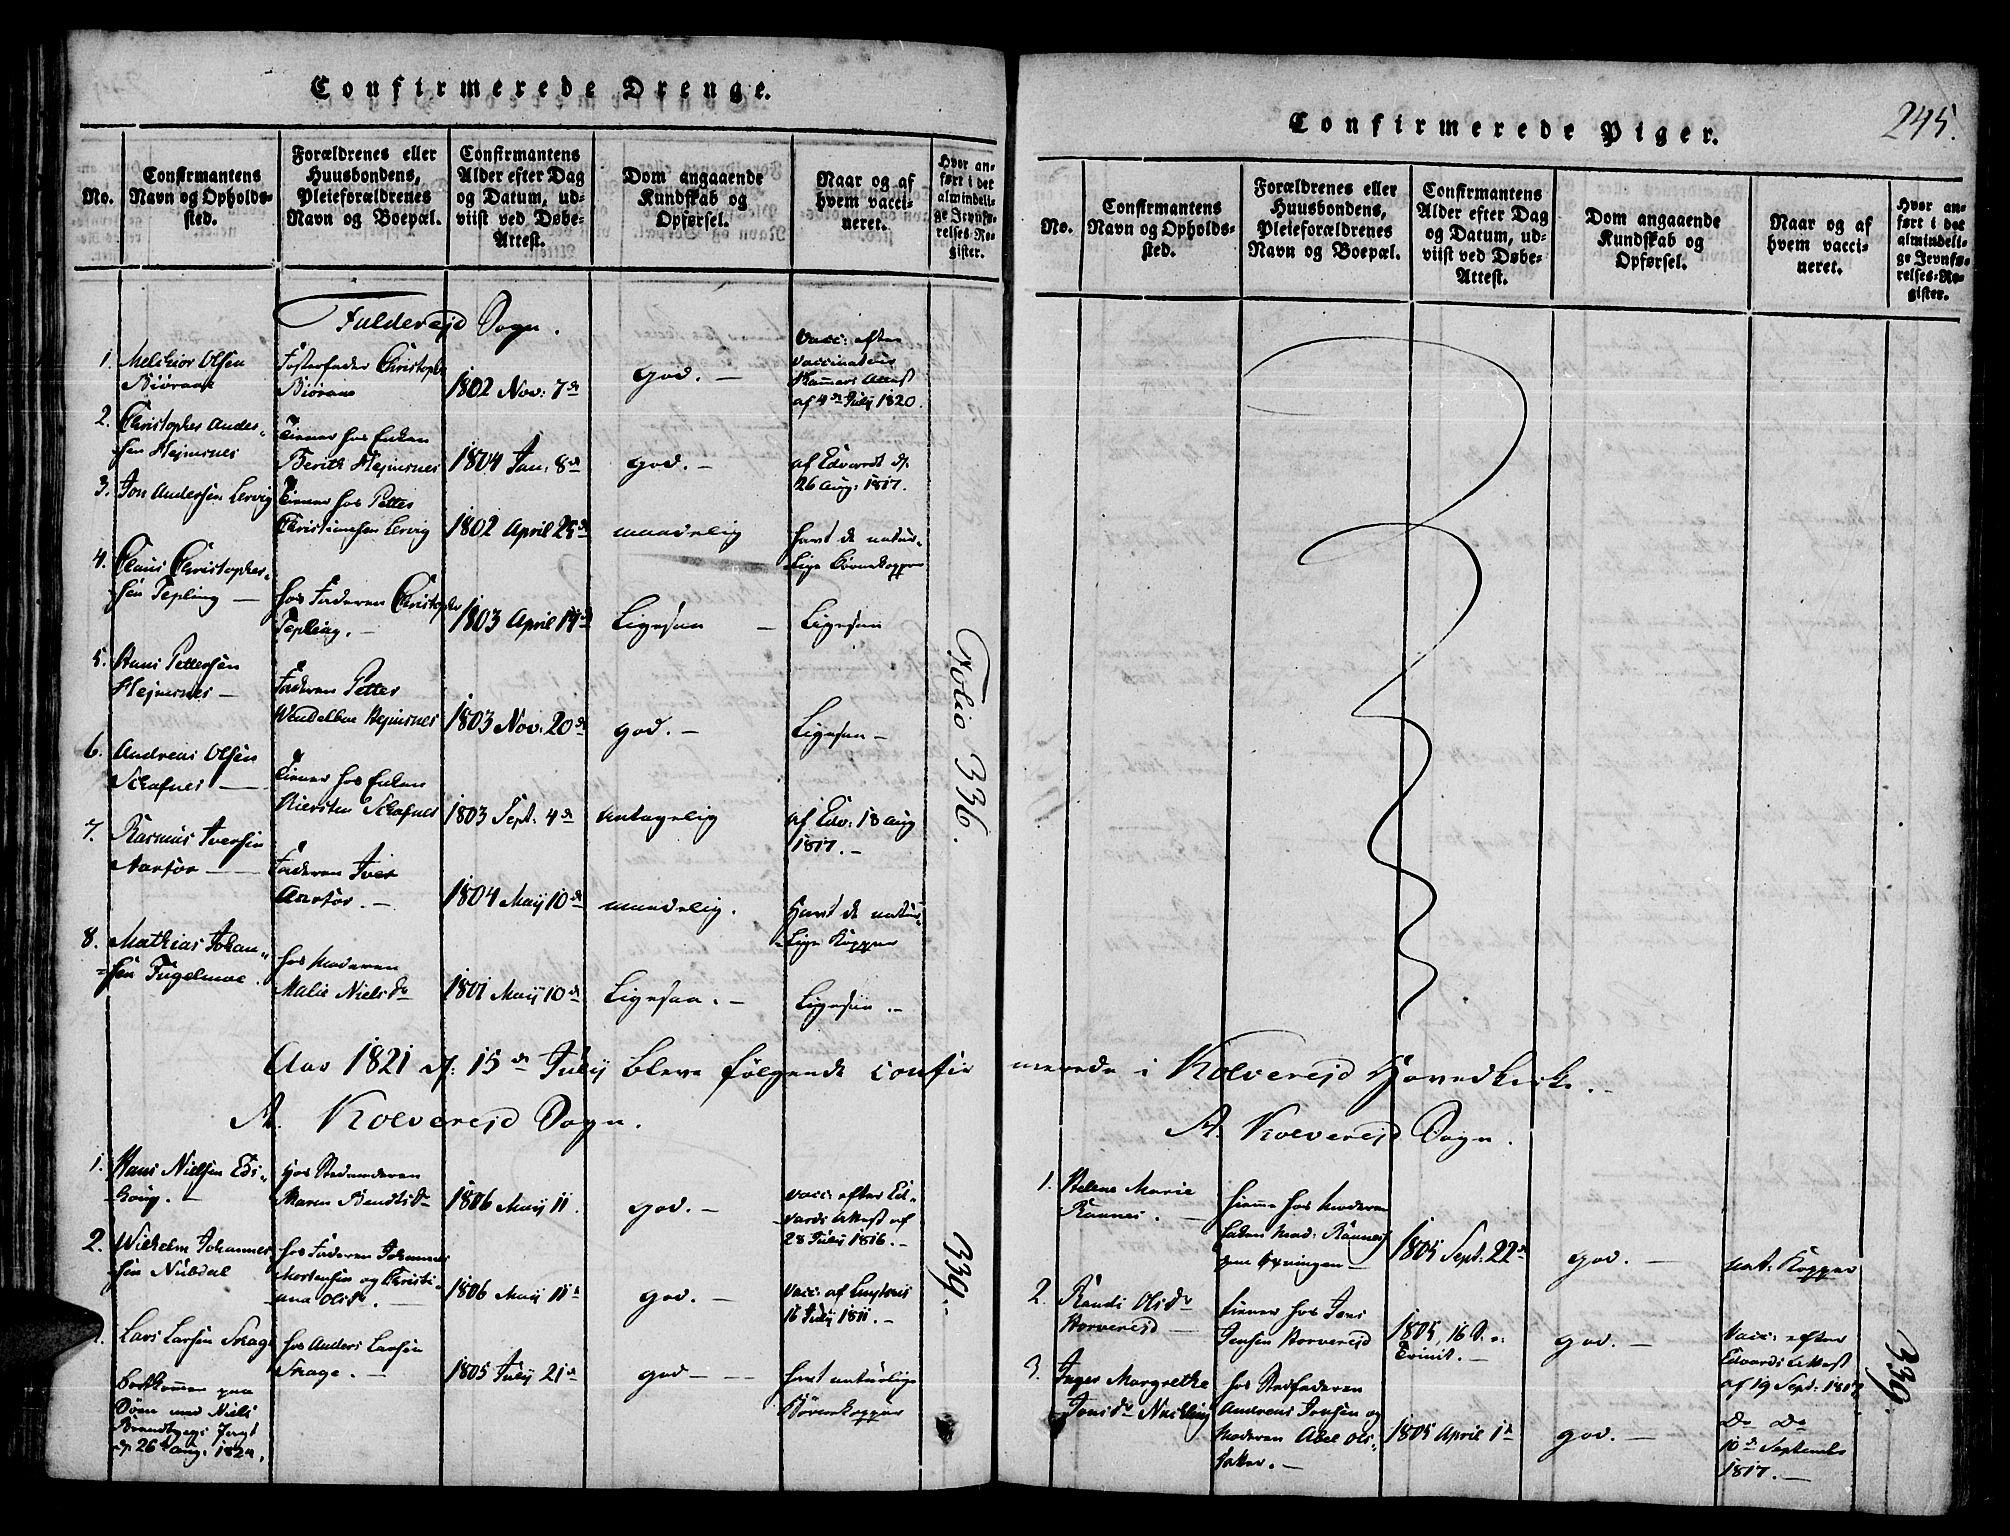 SAT, Ministerialprotokoller, klokkerbøker og fødselsregistre - Nord-Trøndelag, 780/L0636: Ministerialbok nr. 780A03 /1, 1815-1830, s. 245